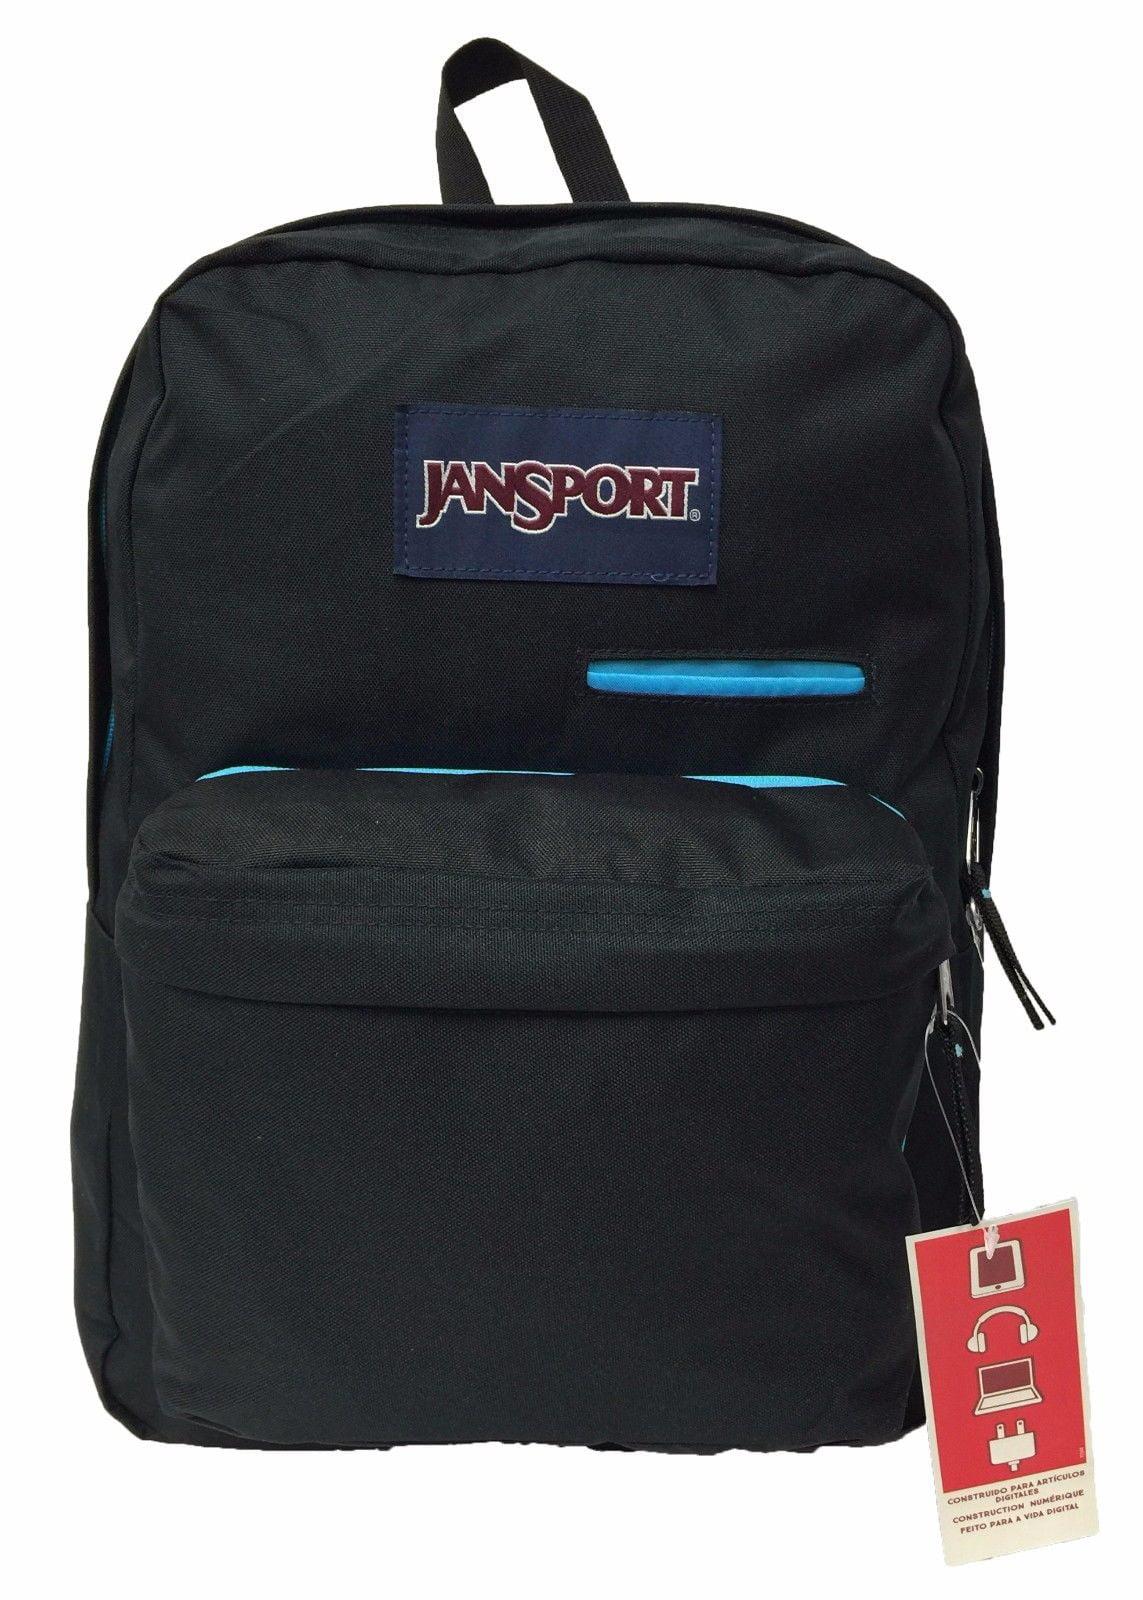 c56932239 JanSport - Digibreak Backpack - Black School Bag Adjustable School books  authentic - Walmart.com